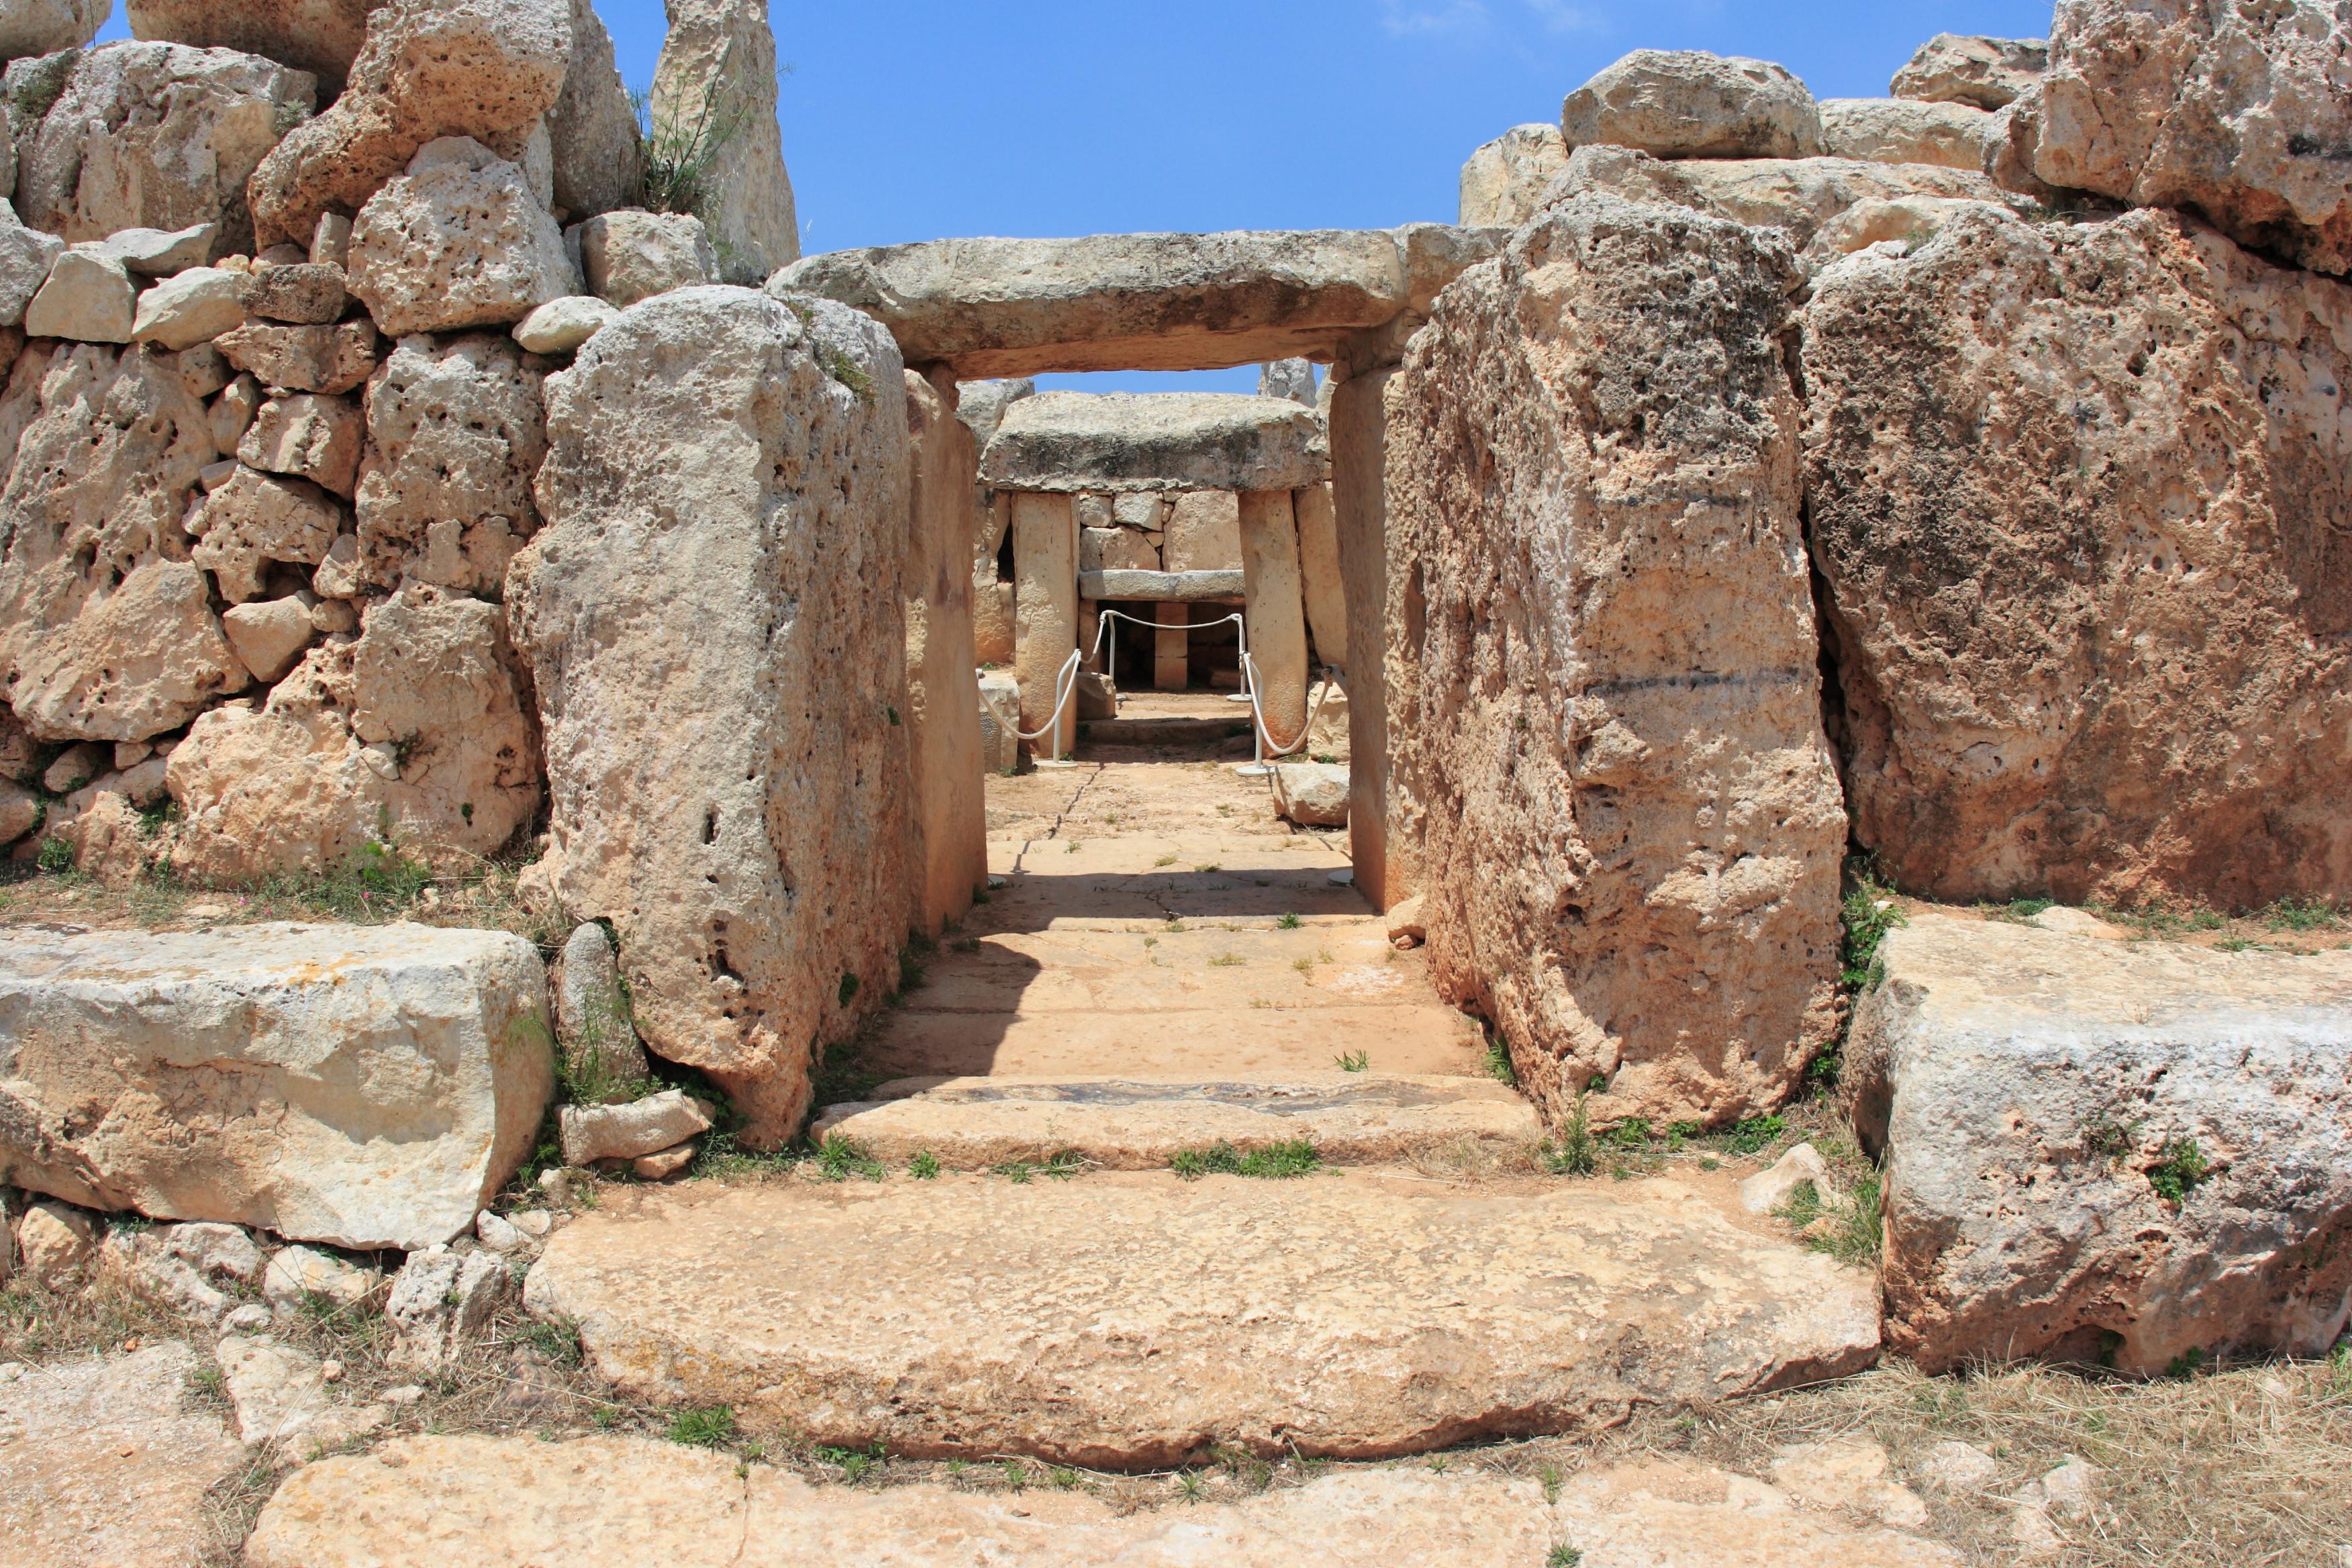 世界遺産の巨石神殿と神秘的にきらめく青の洞門を訪れる南マルタ半日ツアー